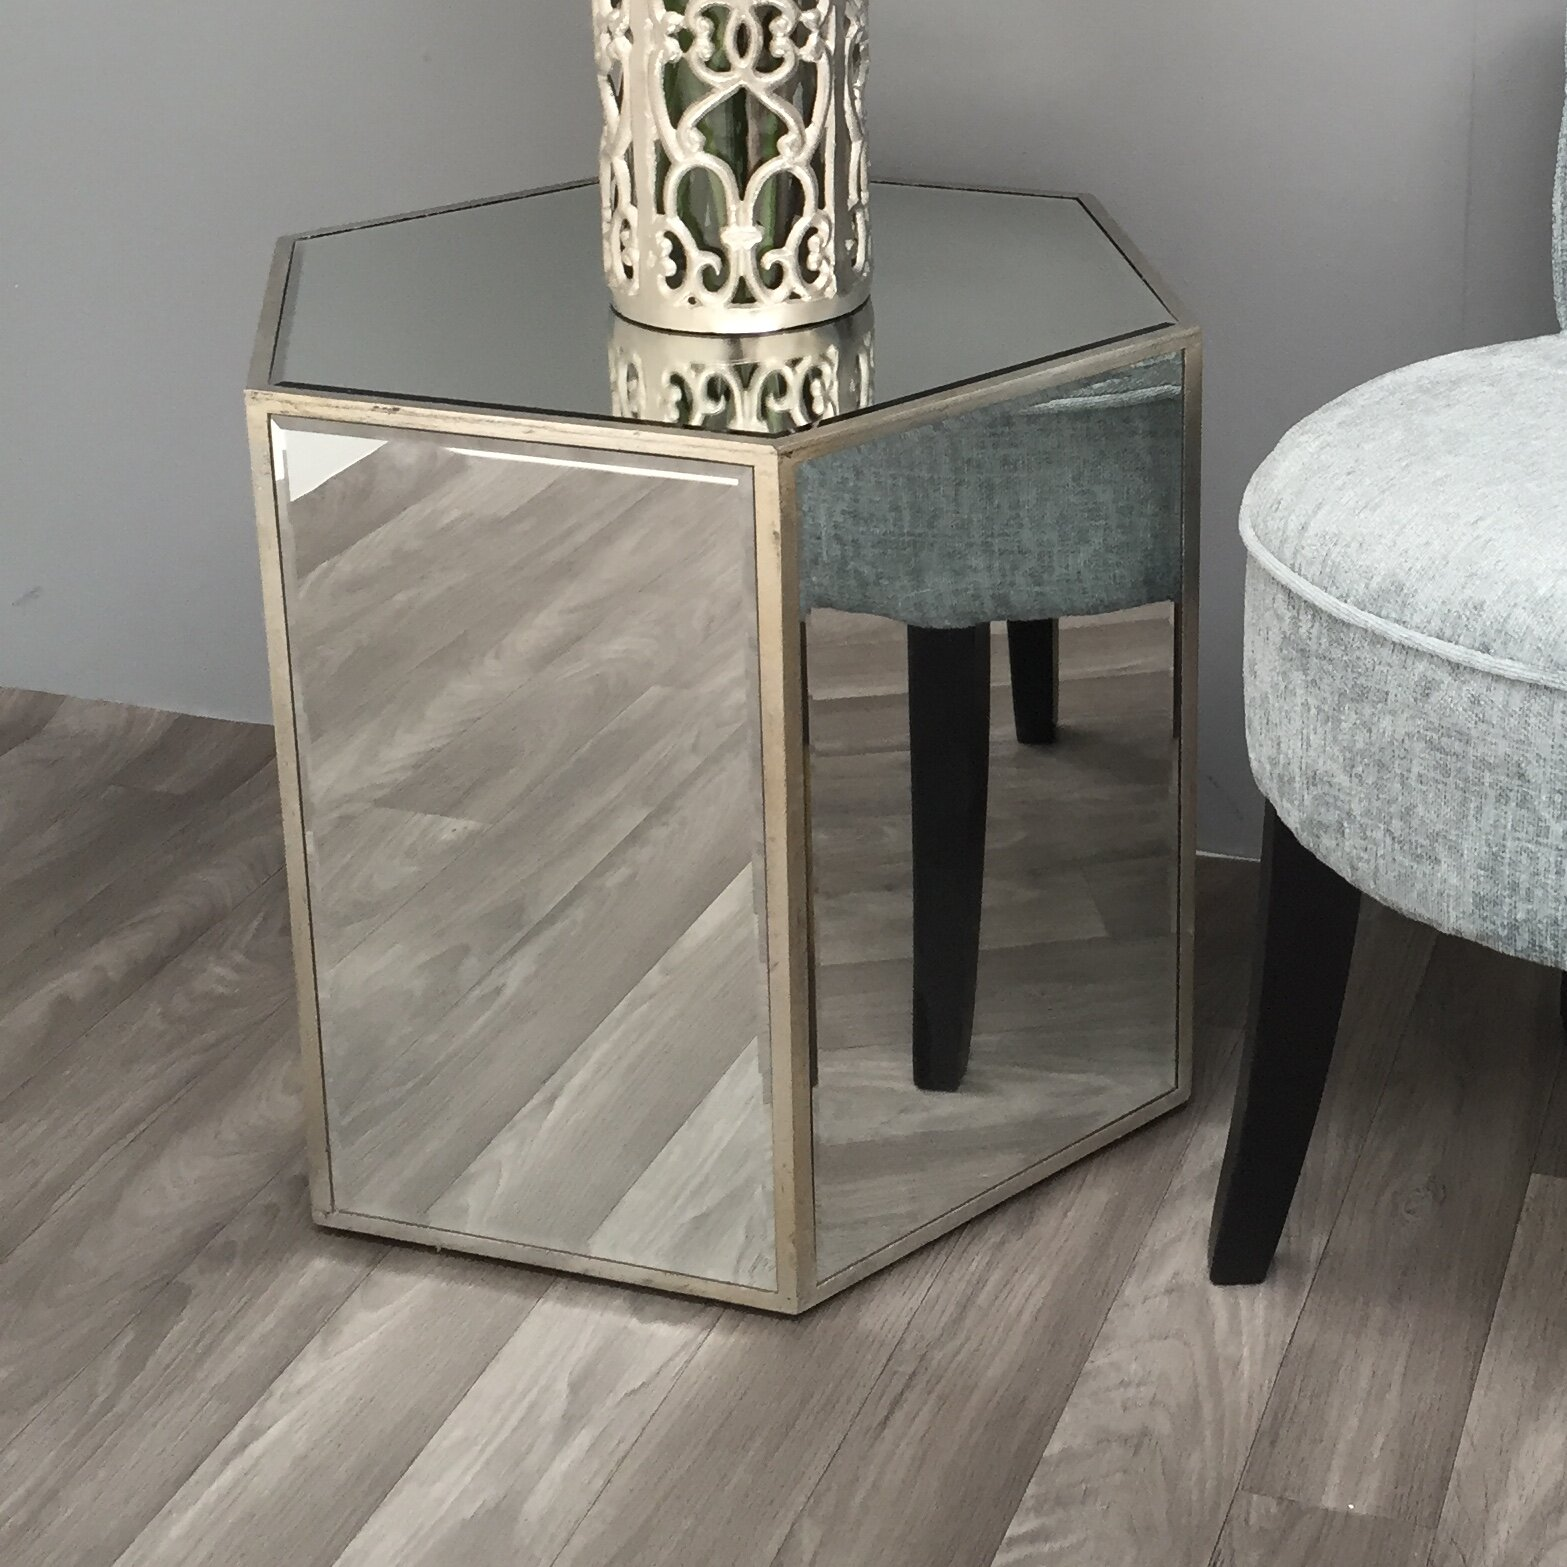 alterton beistelltisch vintage mirrored range reviews. Black Bedroom Furniture Sets. Home Design Ideas